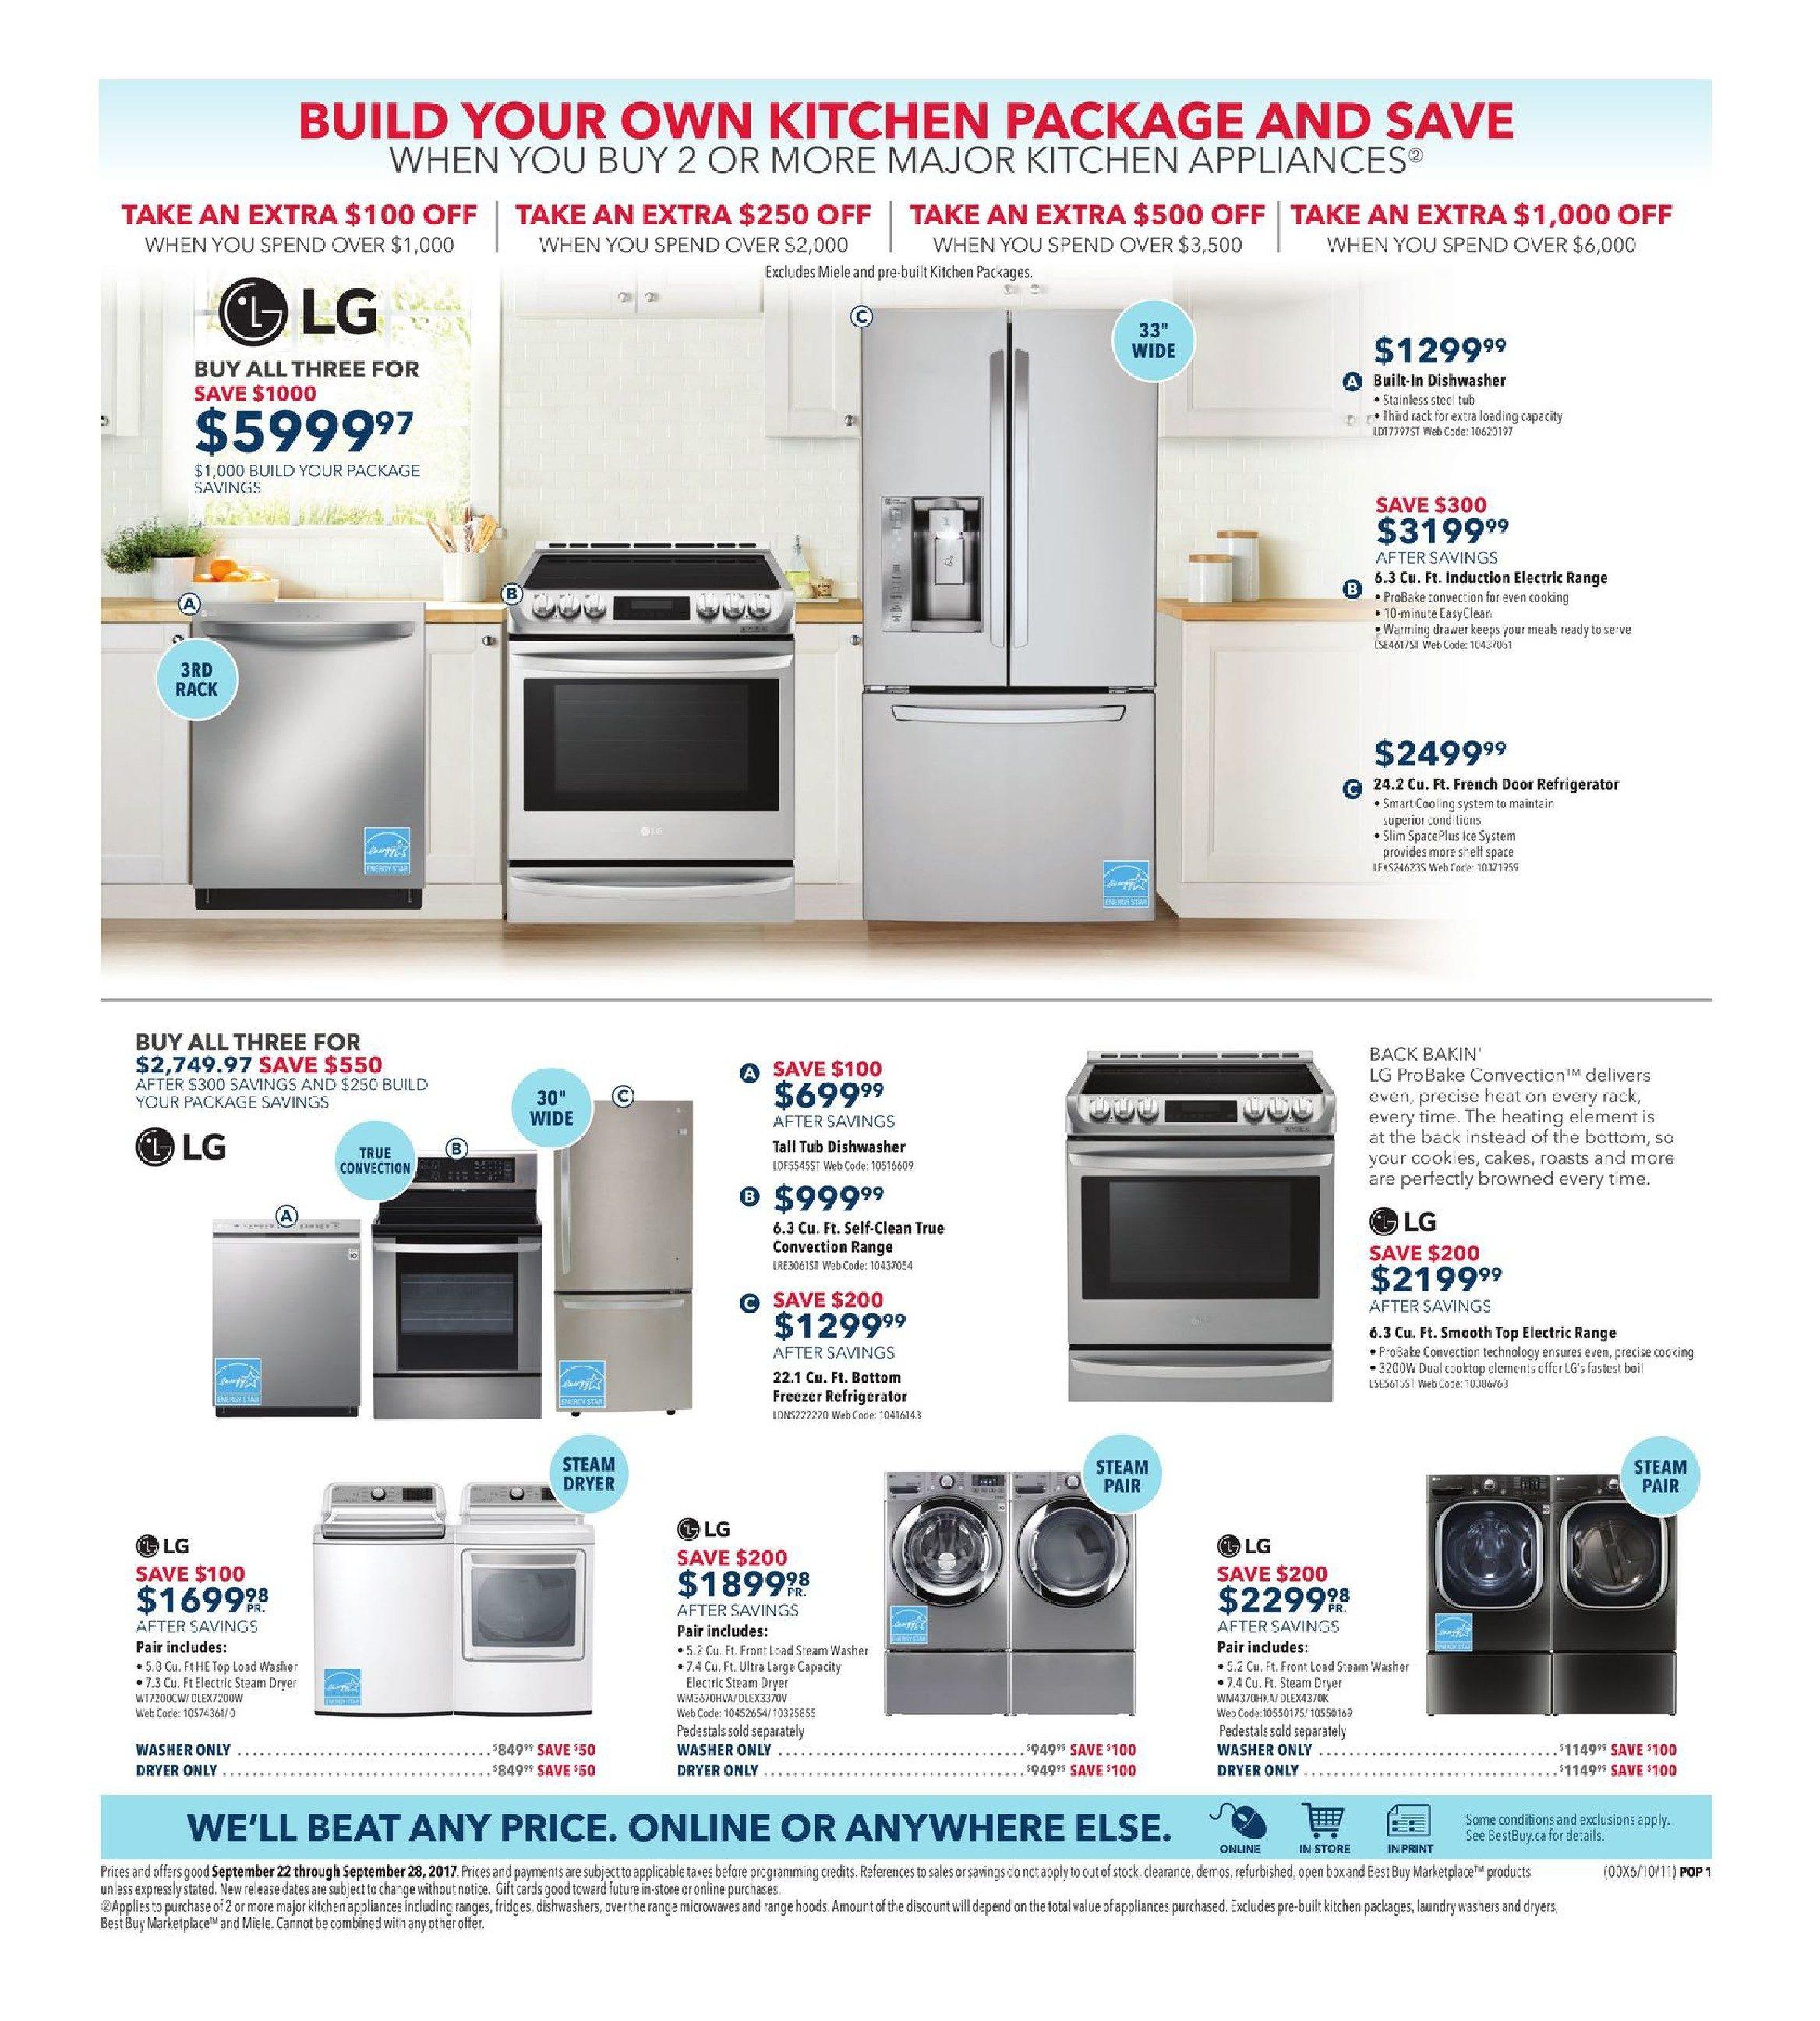 Best buy weekly flyer weekly bring home big savings sep 22 best buy weekly flyer weekly bring home big savings sep 22 28 redflagdeals fandeluxe Gallery